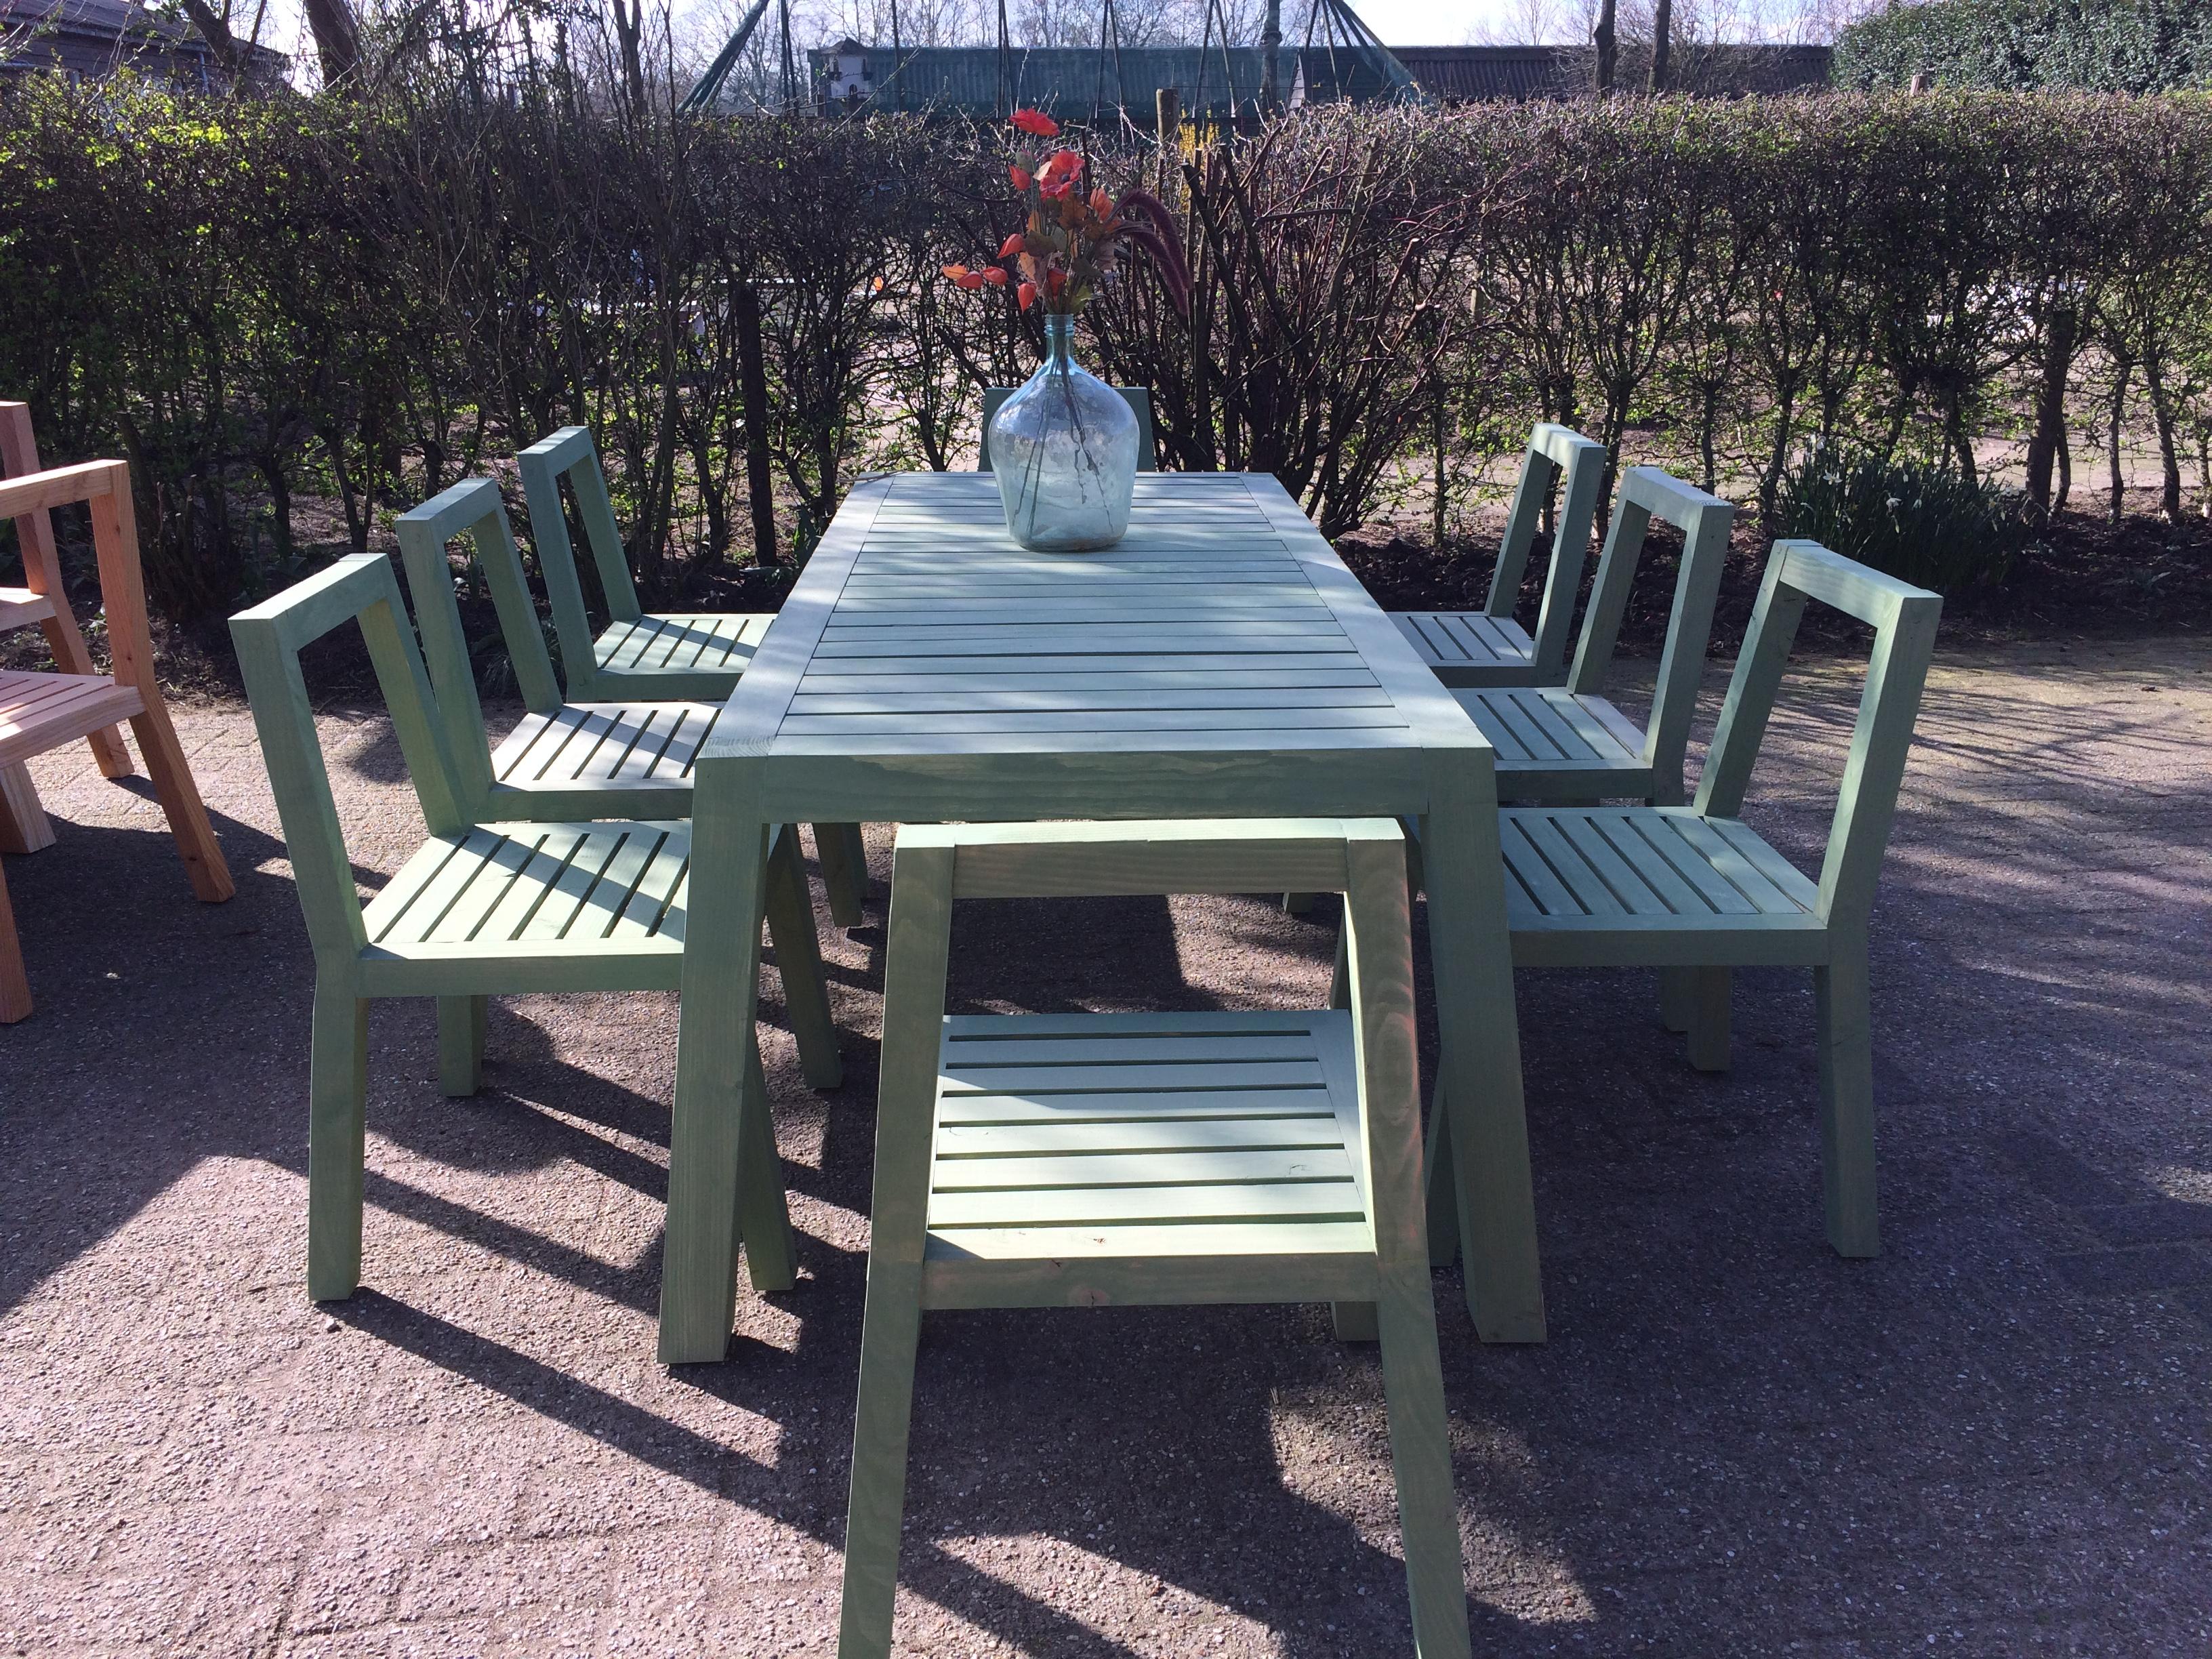 grote tafel met 20 stoelen model NATURE, zweeds groen en naturel